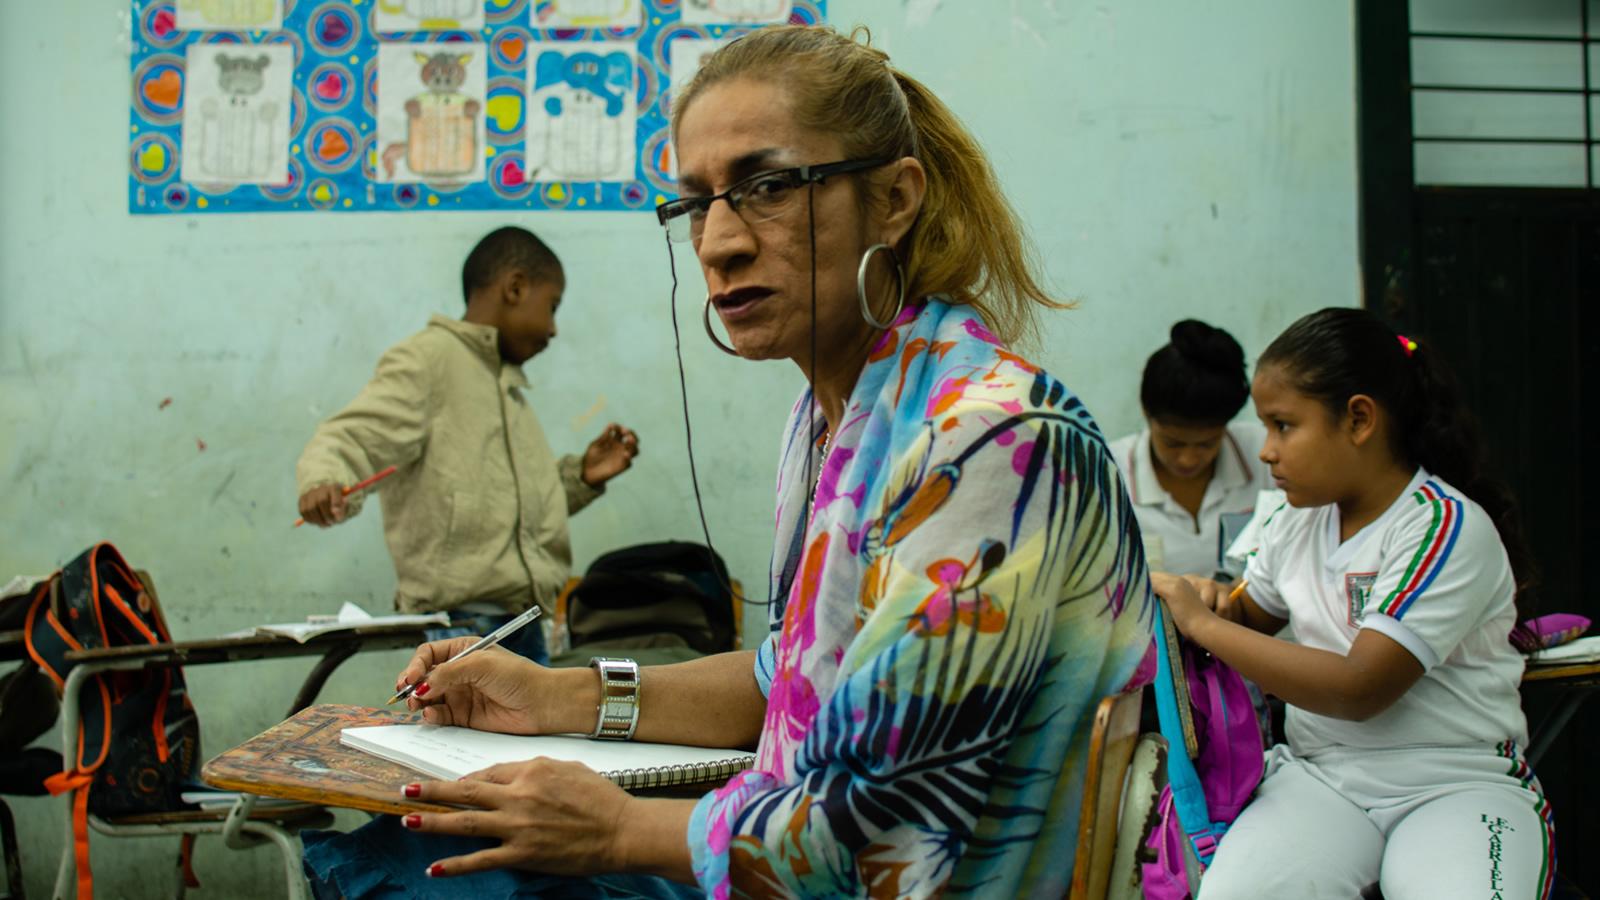 Solypsi, la primera profe trans de los colegios públicos en Colombia